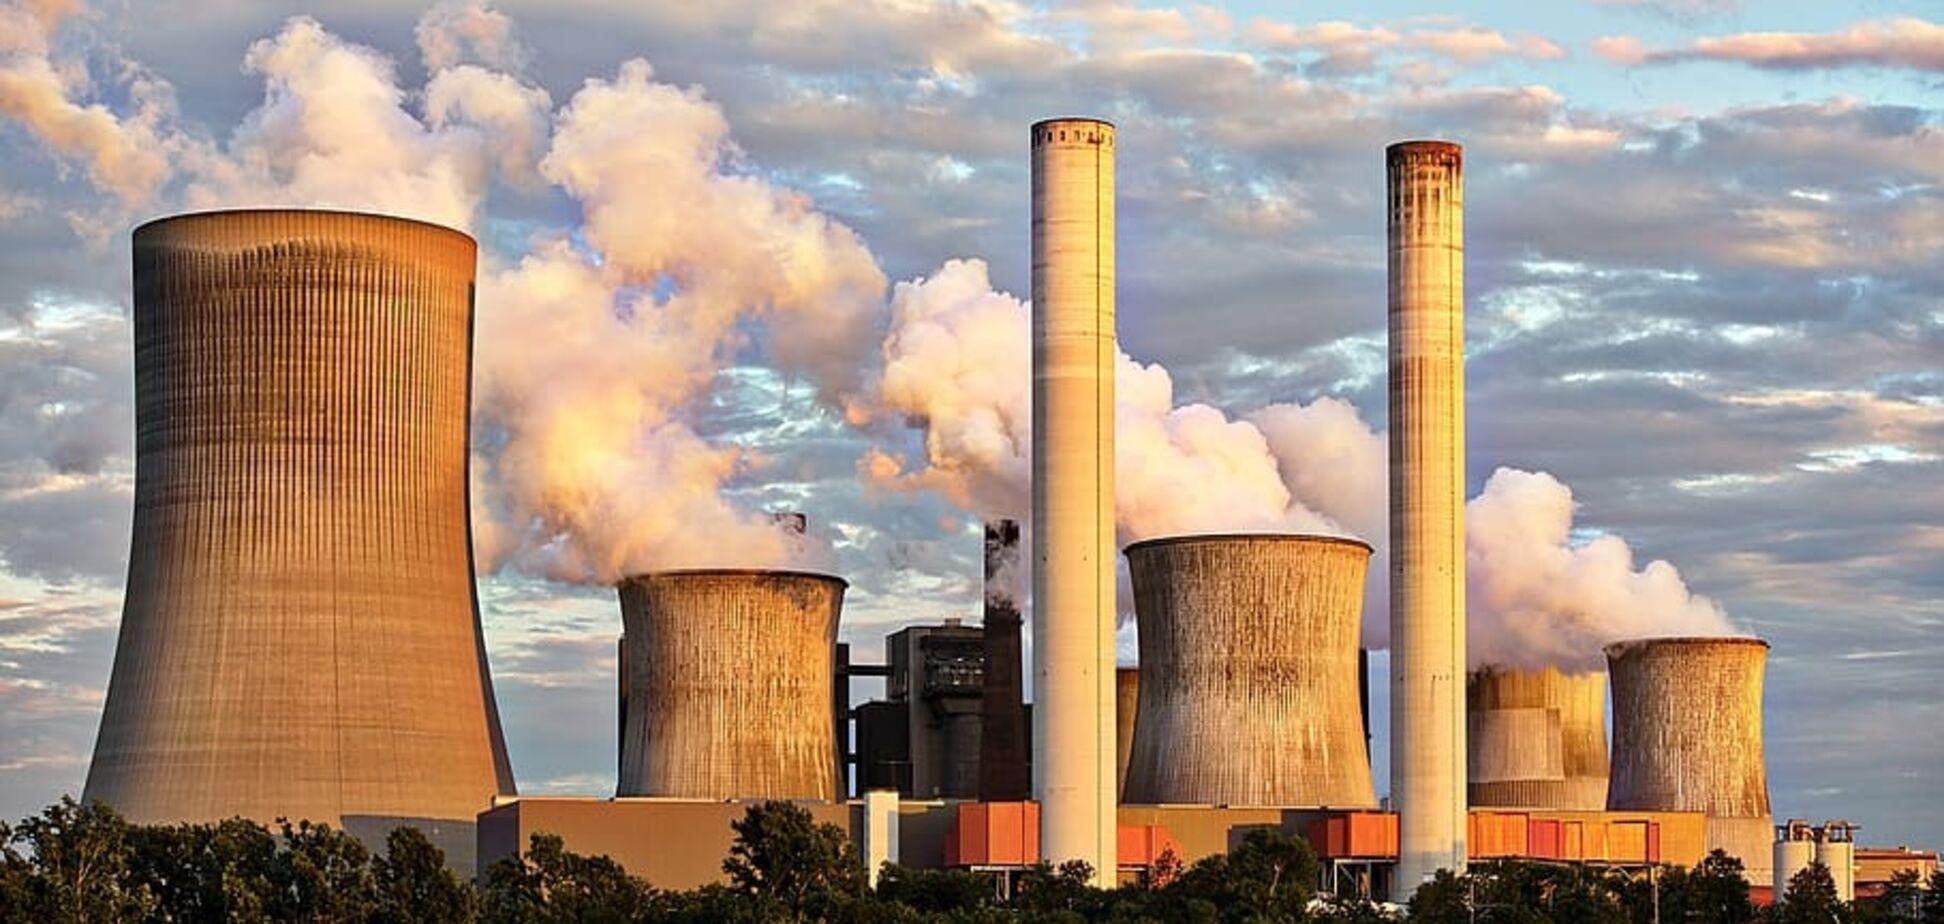 Приводит к необратимым изменениям в организме: вскрылась угроза ископаемых видов топлива